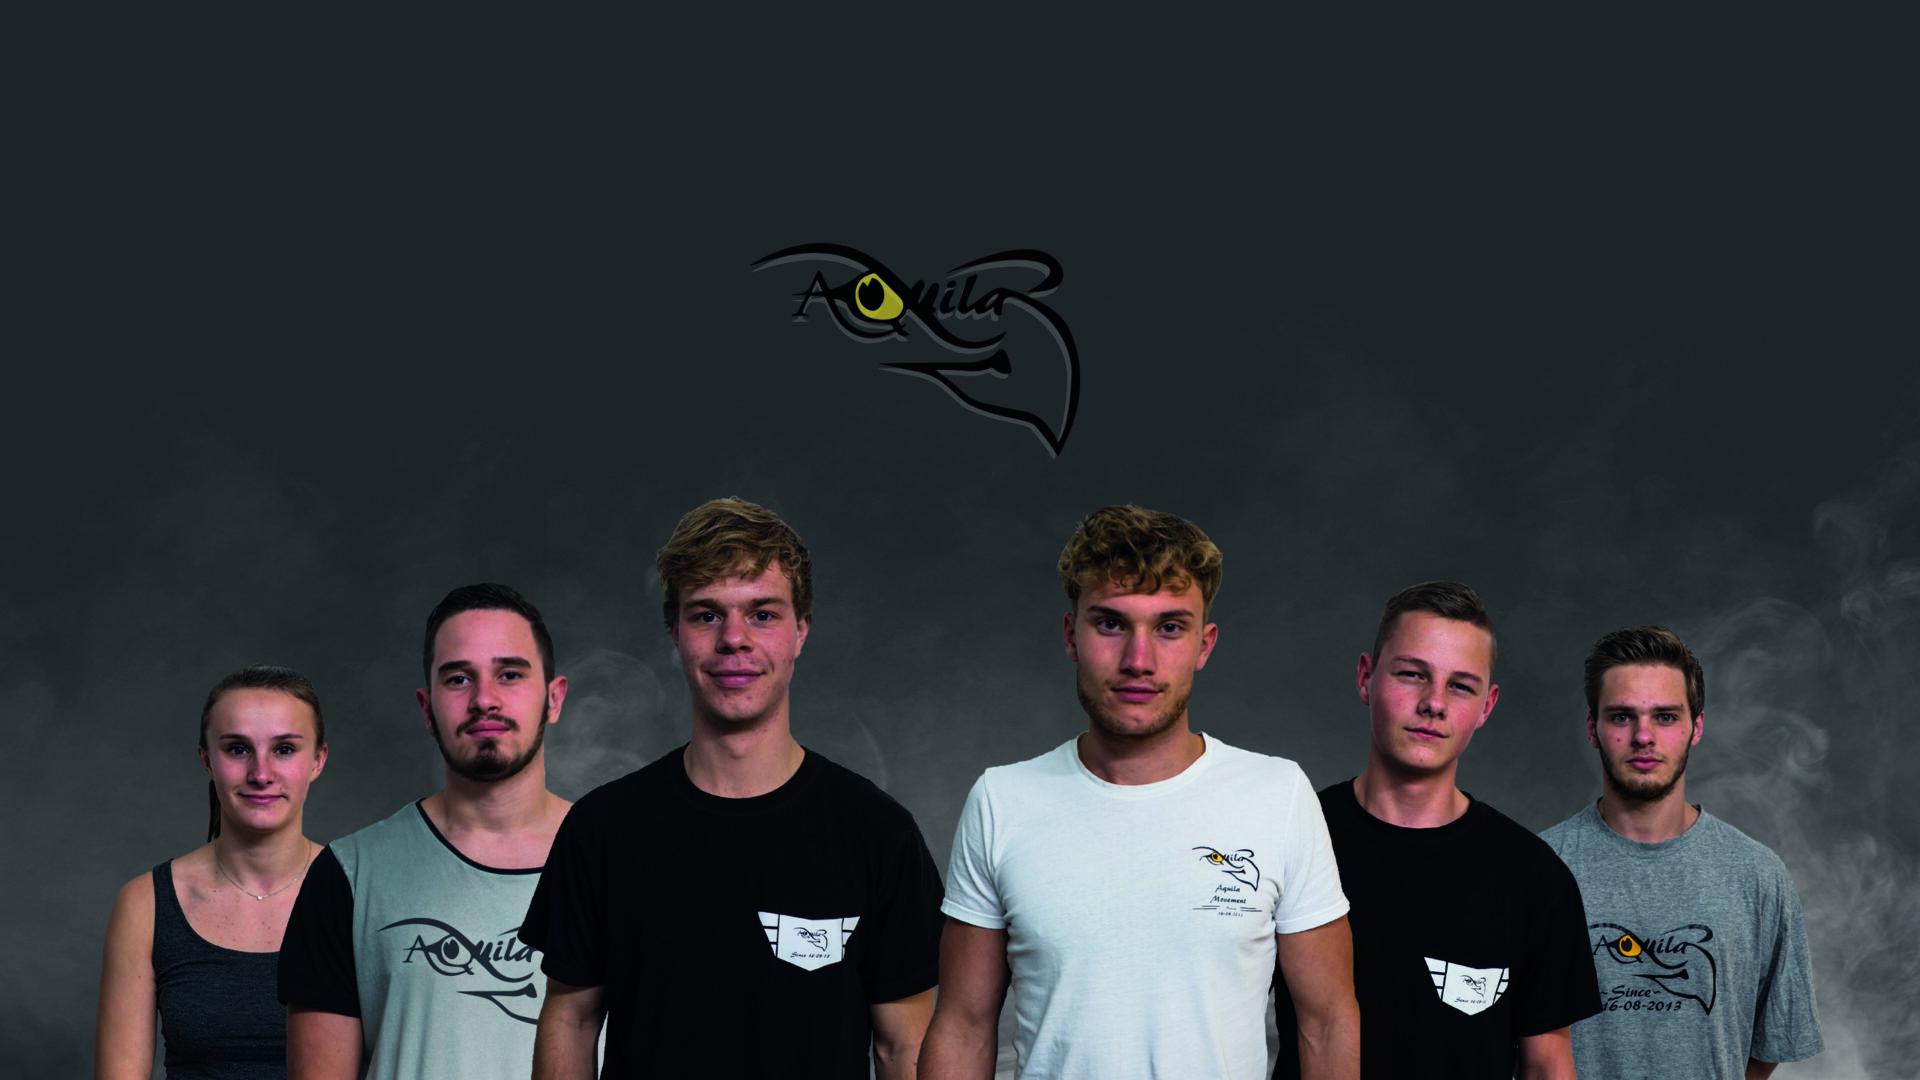 Foto van het freerunning team